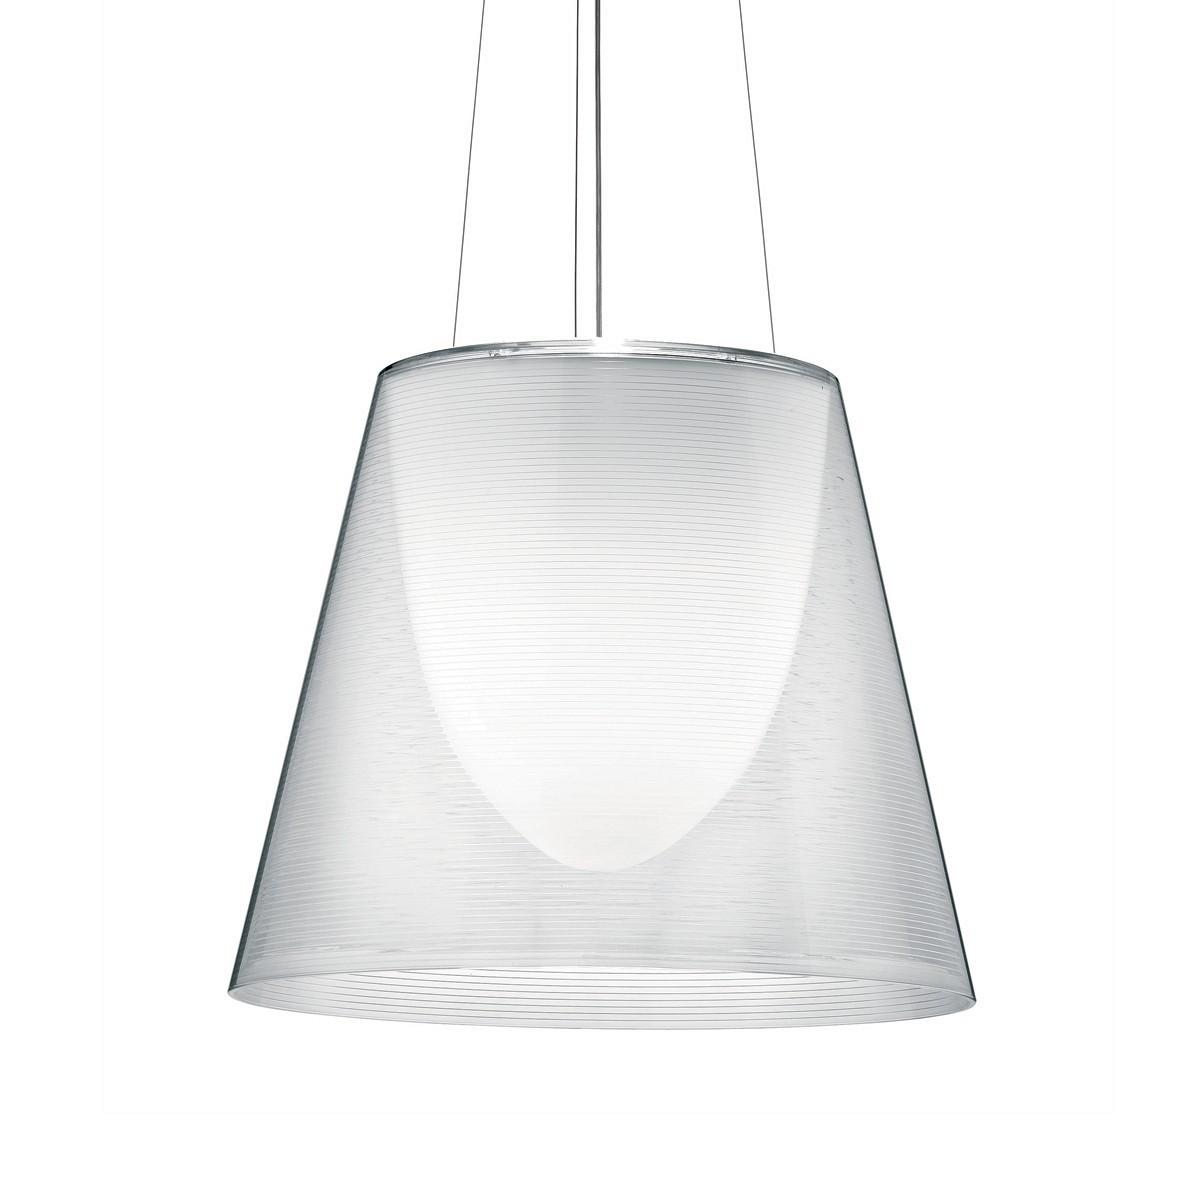 Flos KTribe S Pendelleuchte, S3, Ø: 55 cm, transparent